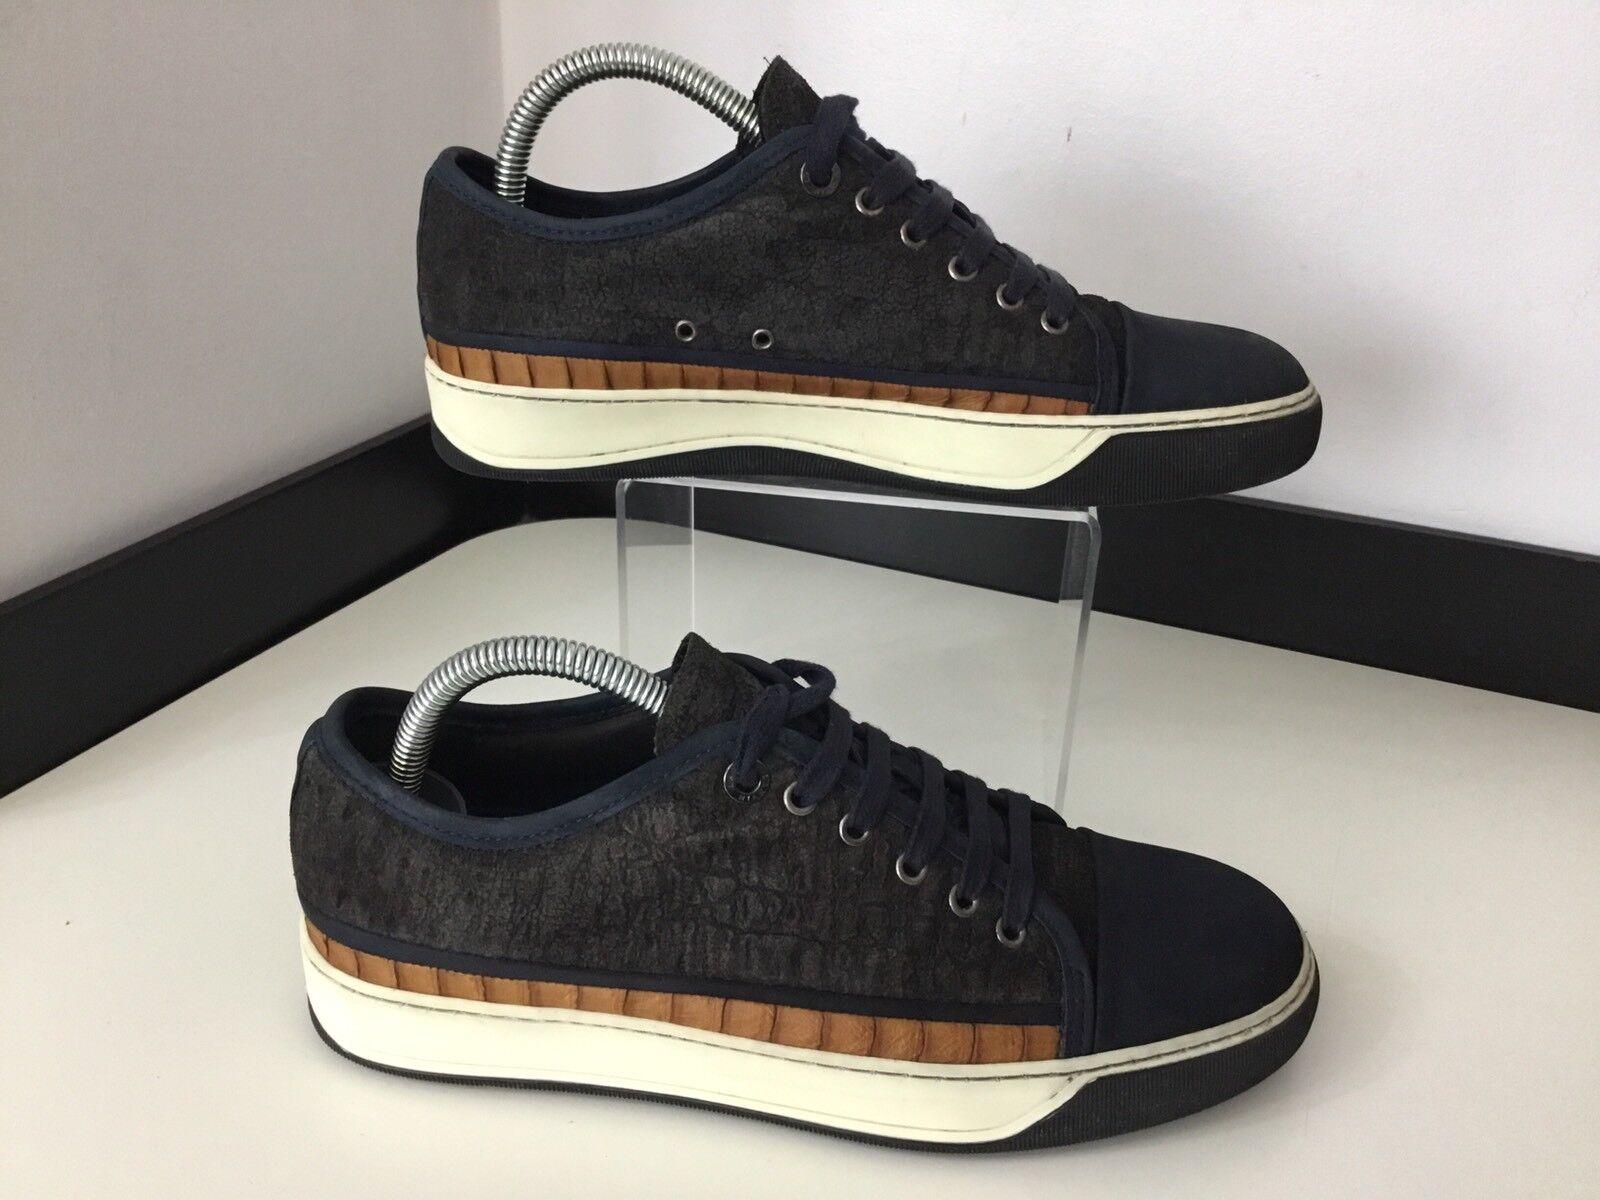 Zapatillas Para Hombre Lanvin, Zapatos, Reino Unido 5 Eu39, azul marino, marrón de piel de cocodrilo en muy buena condición